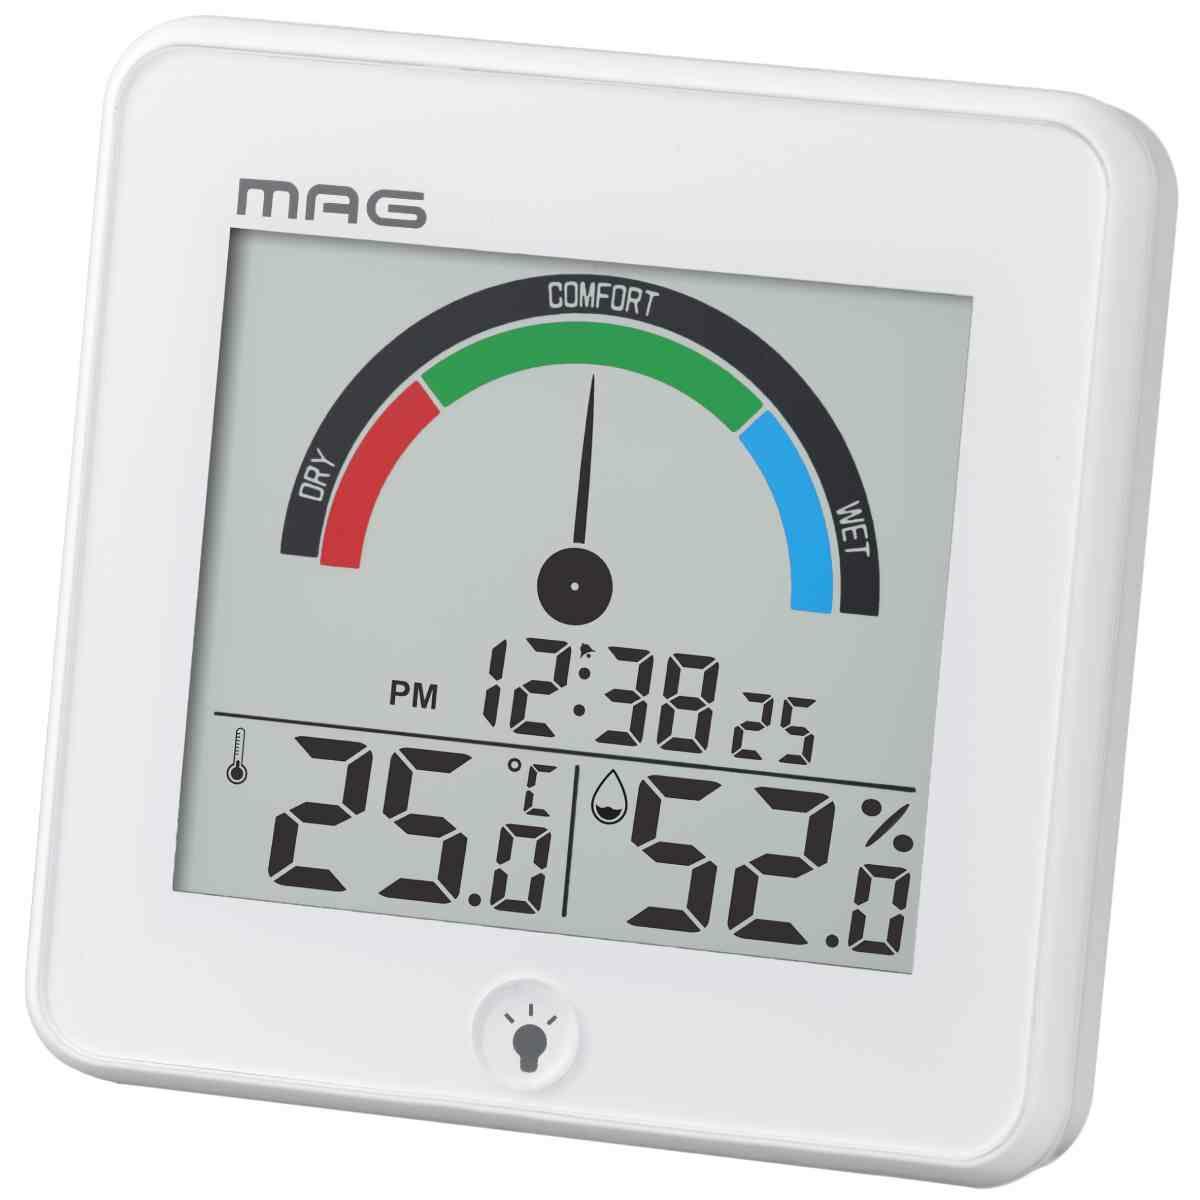 置掛兼用[TH-104_MAGデジタル温度湿度計 インデクス]